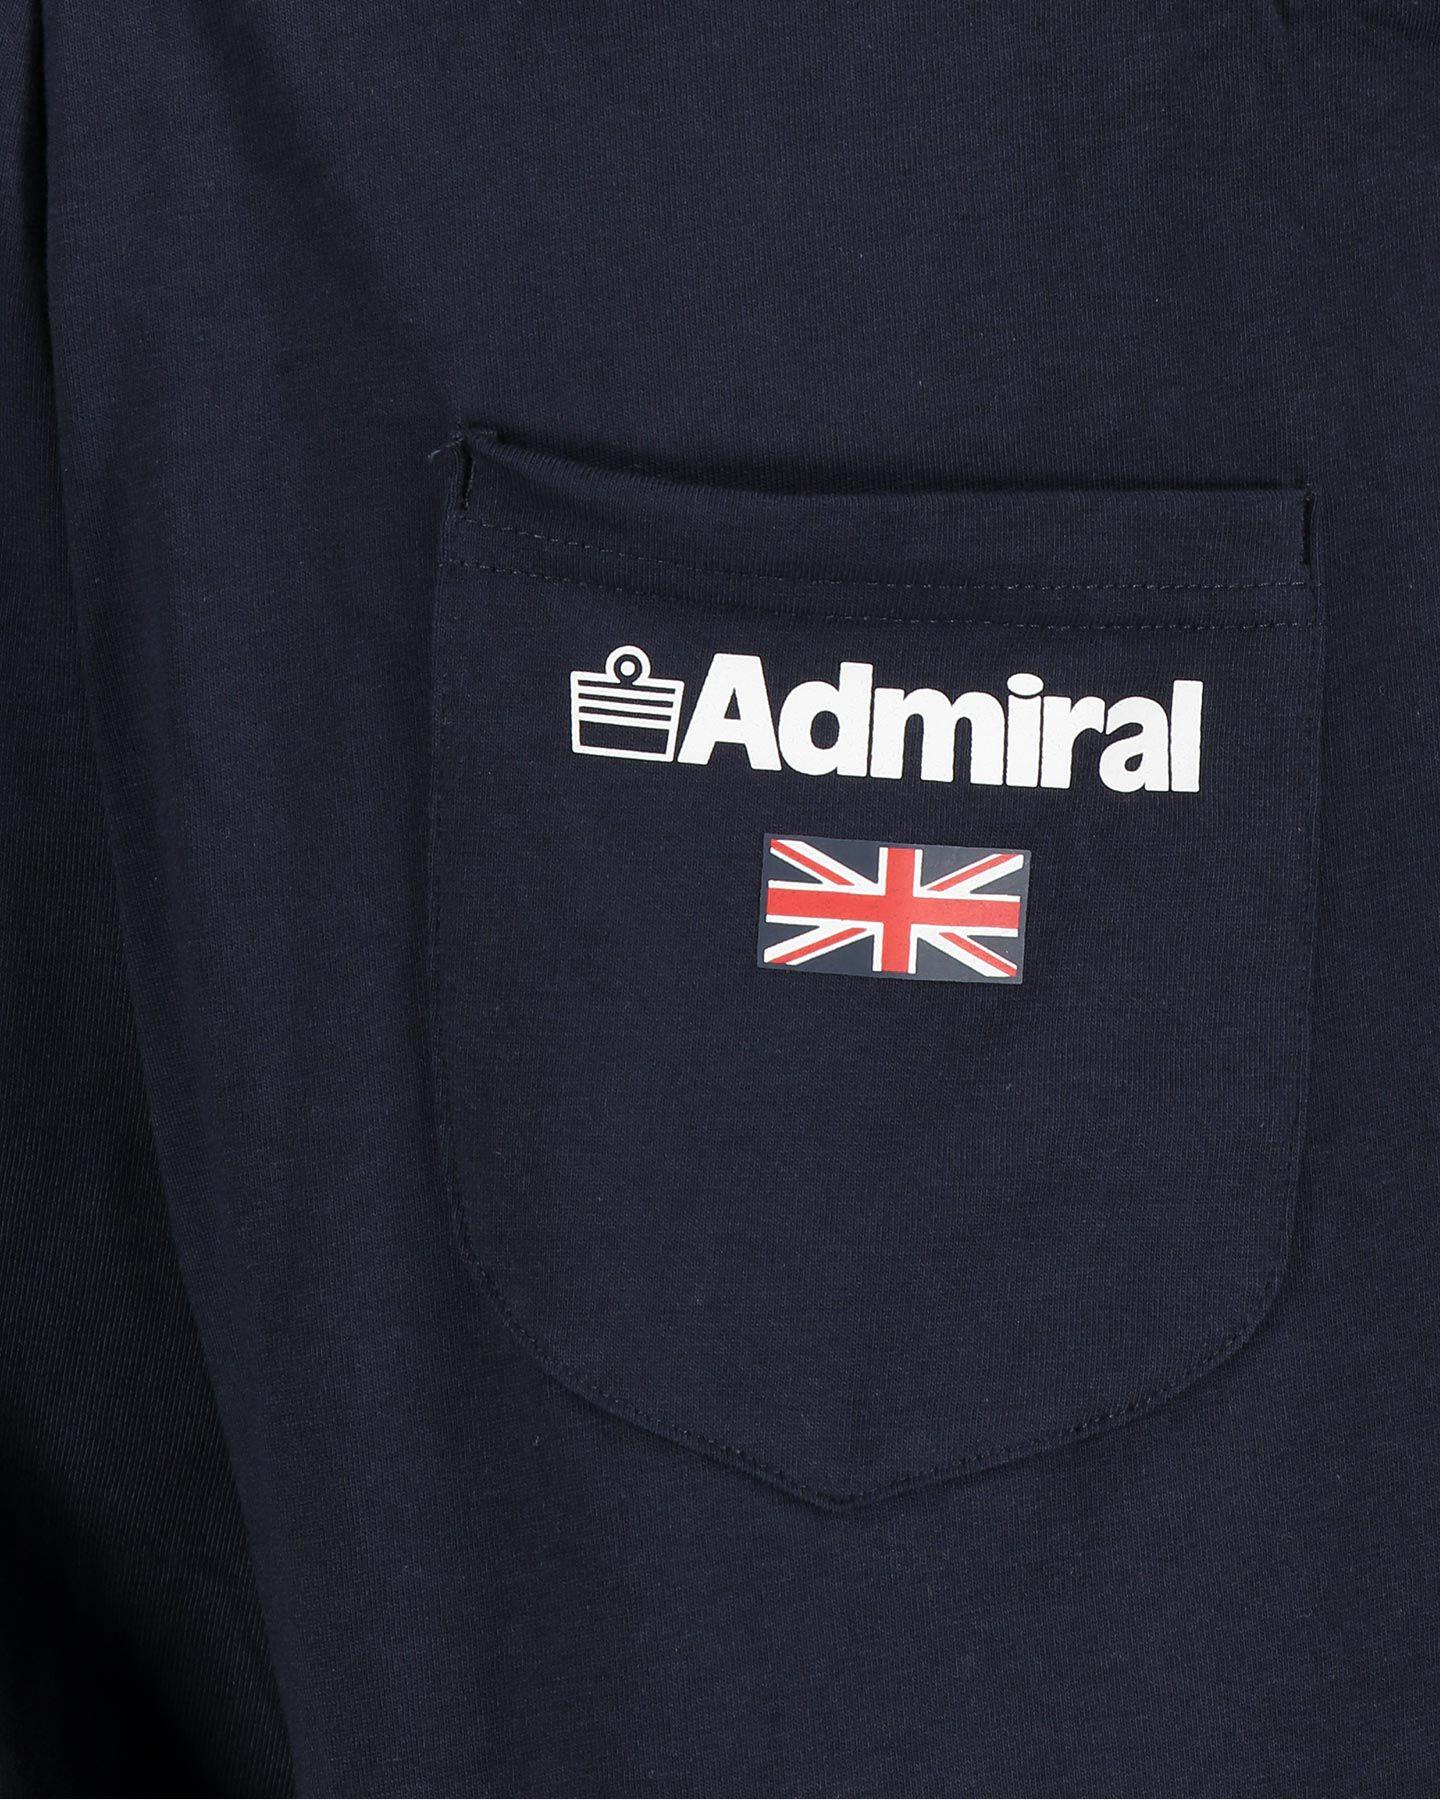 Pantaloncini ADMIRAL JERSEY M S4086999 scatto 3